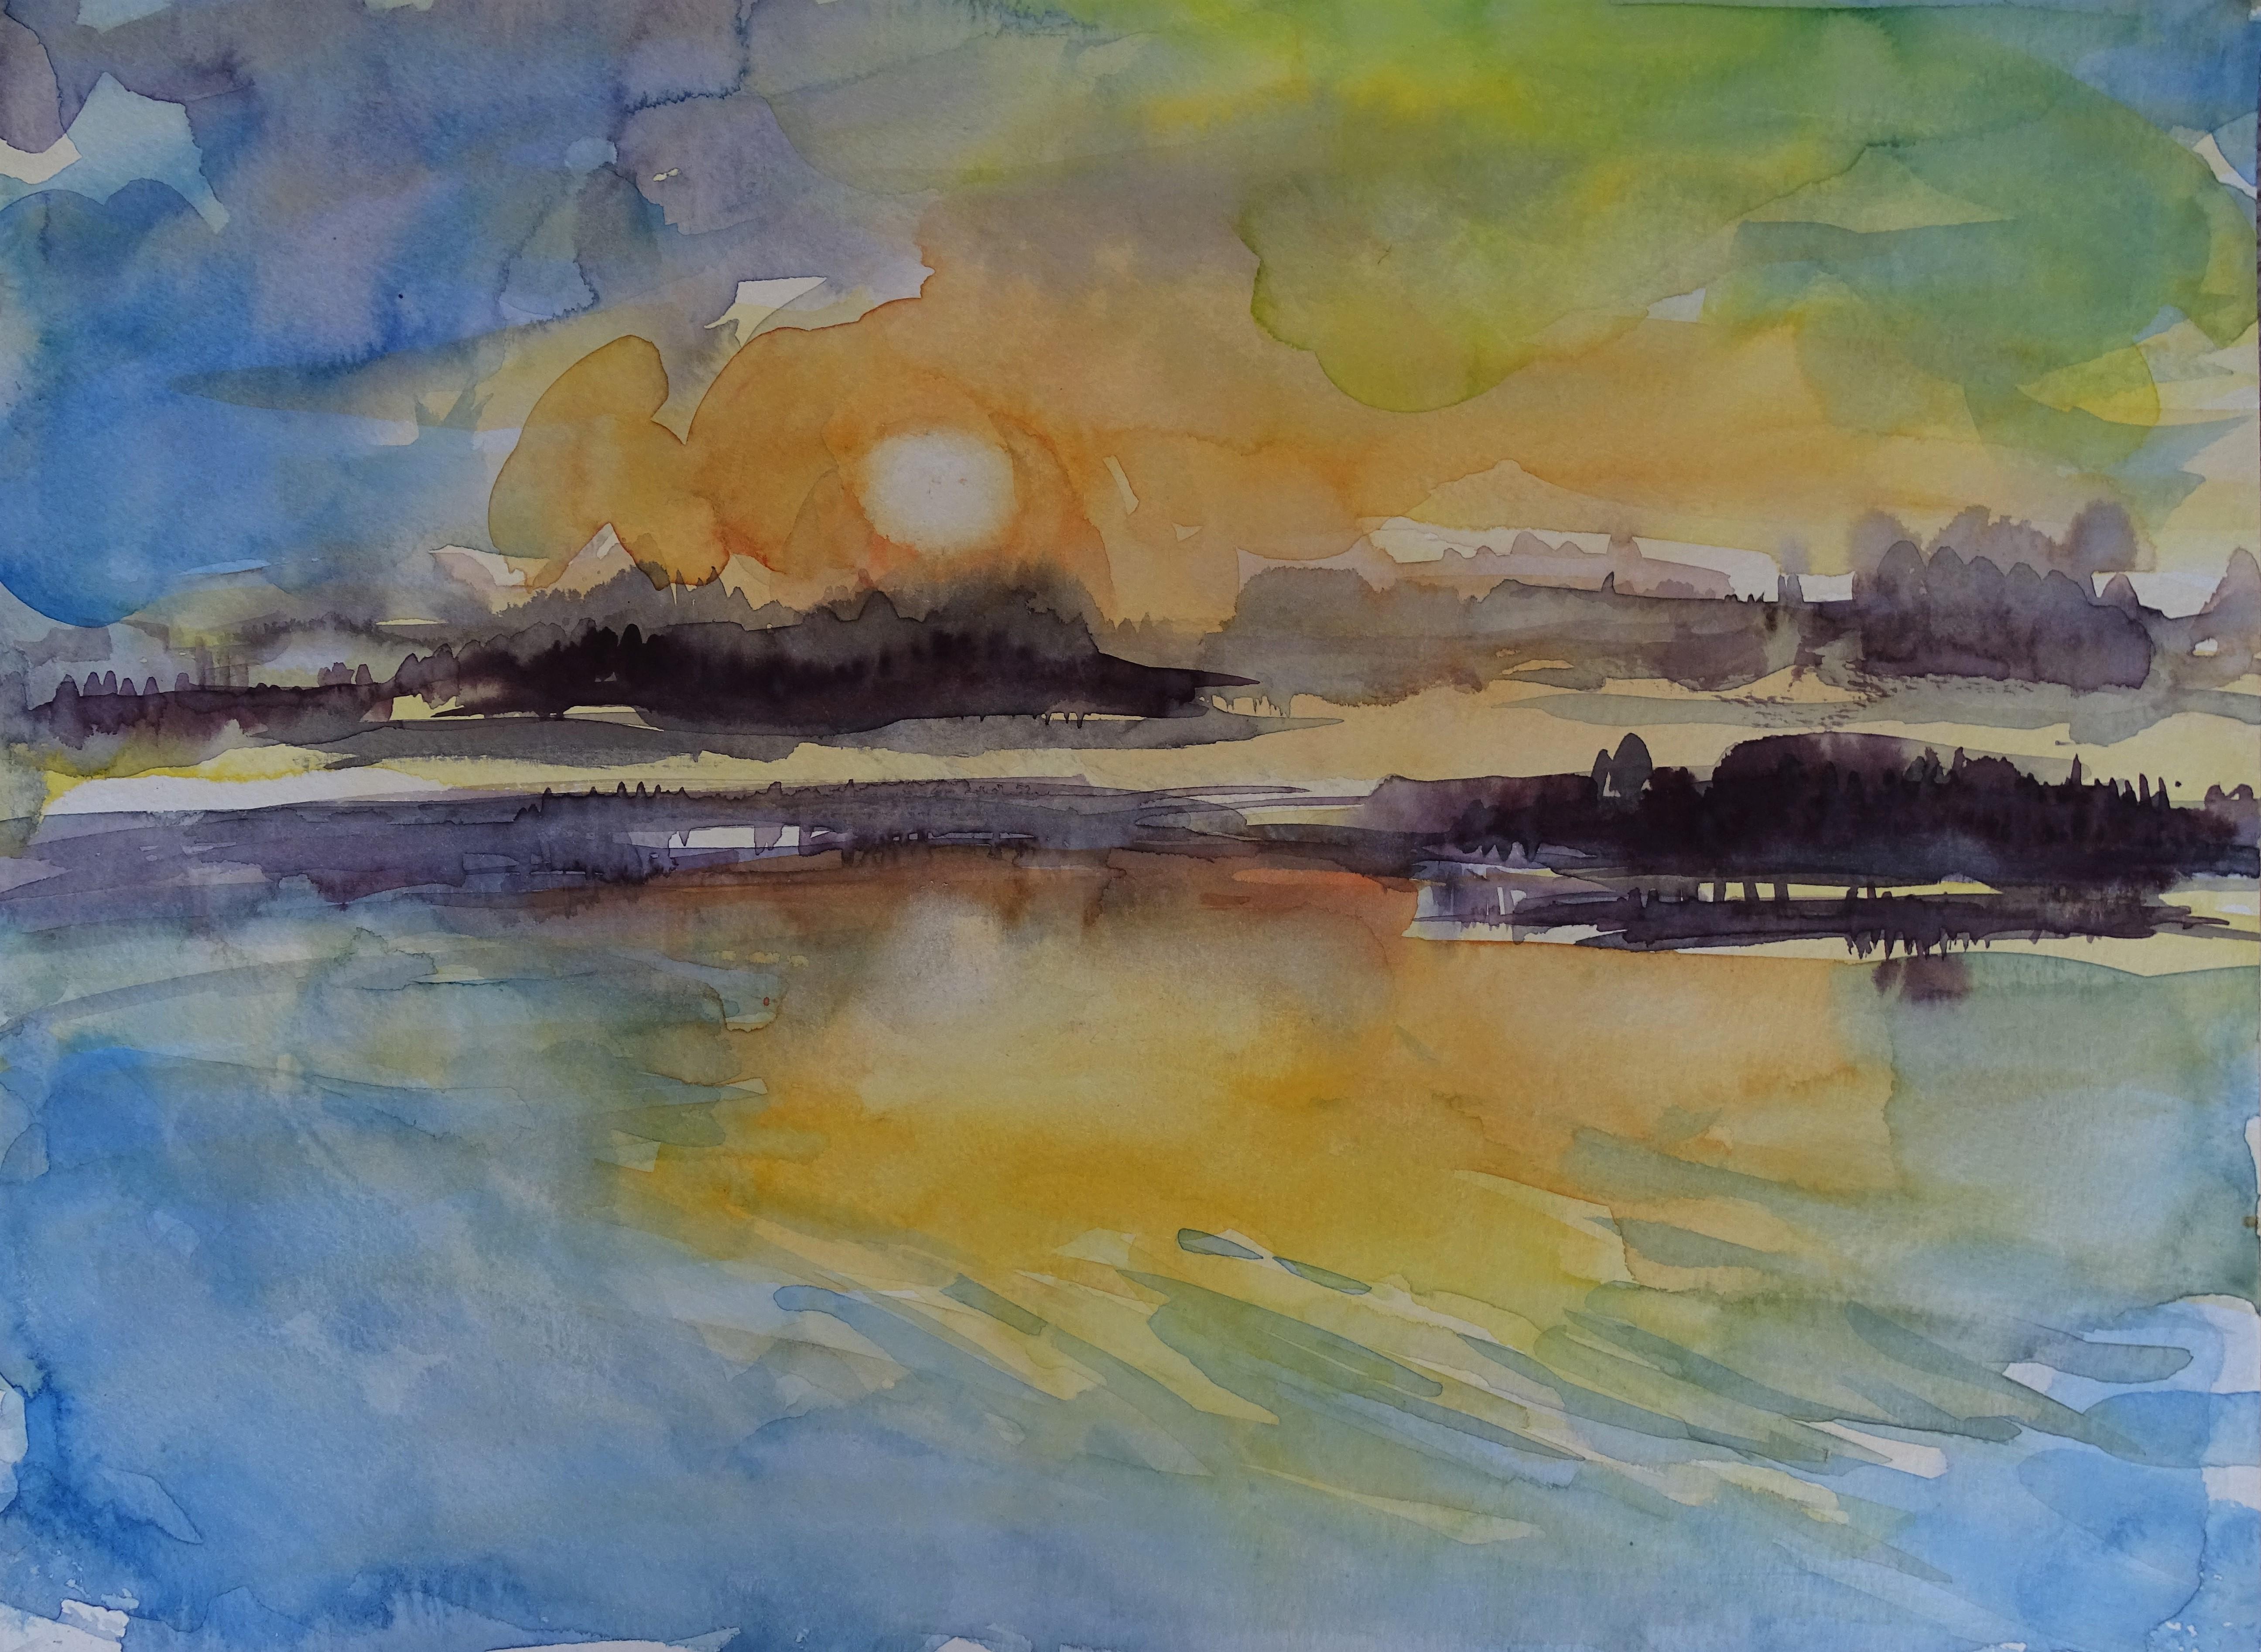 Sonnenuntergang-Sunset-Inn-Malerei-nadia-baumgart